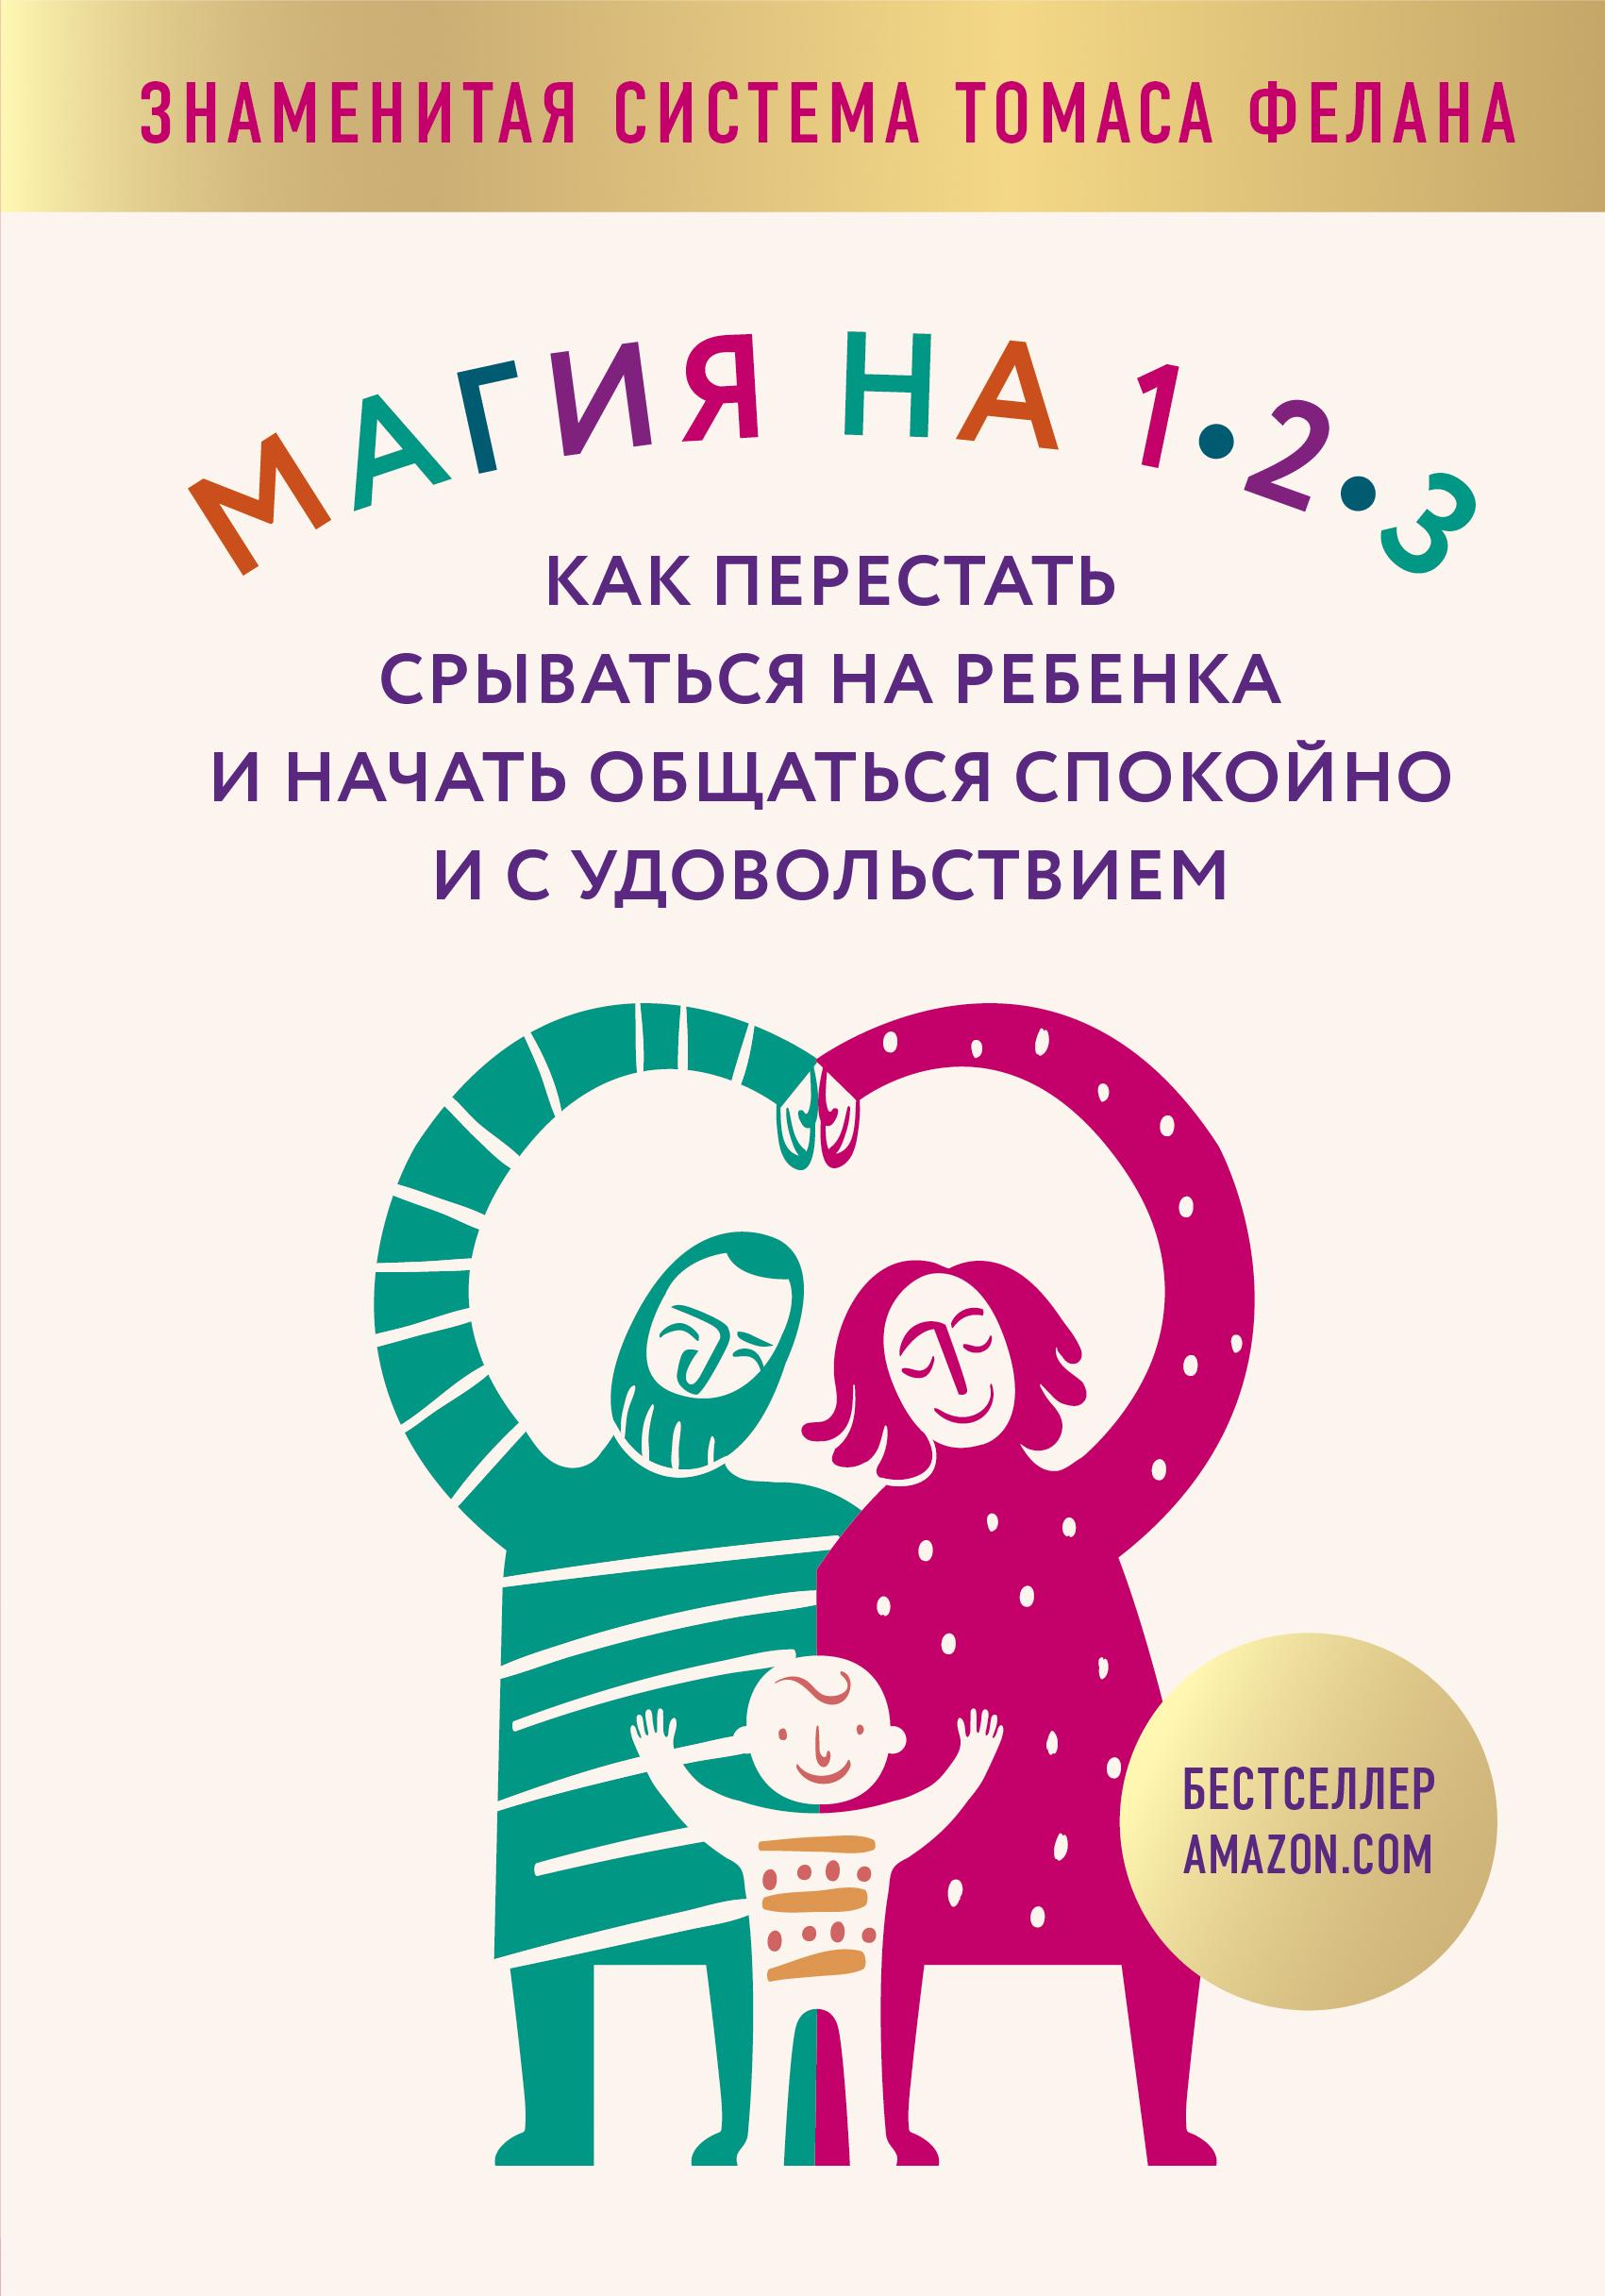 Томас Фелан «Магия на 1-2-3. Как перестать срываться на ребенка и начать общаться спокойно и с удовольствием»